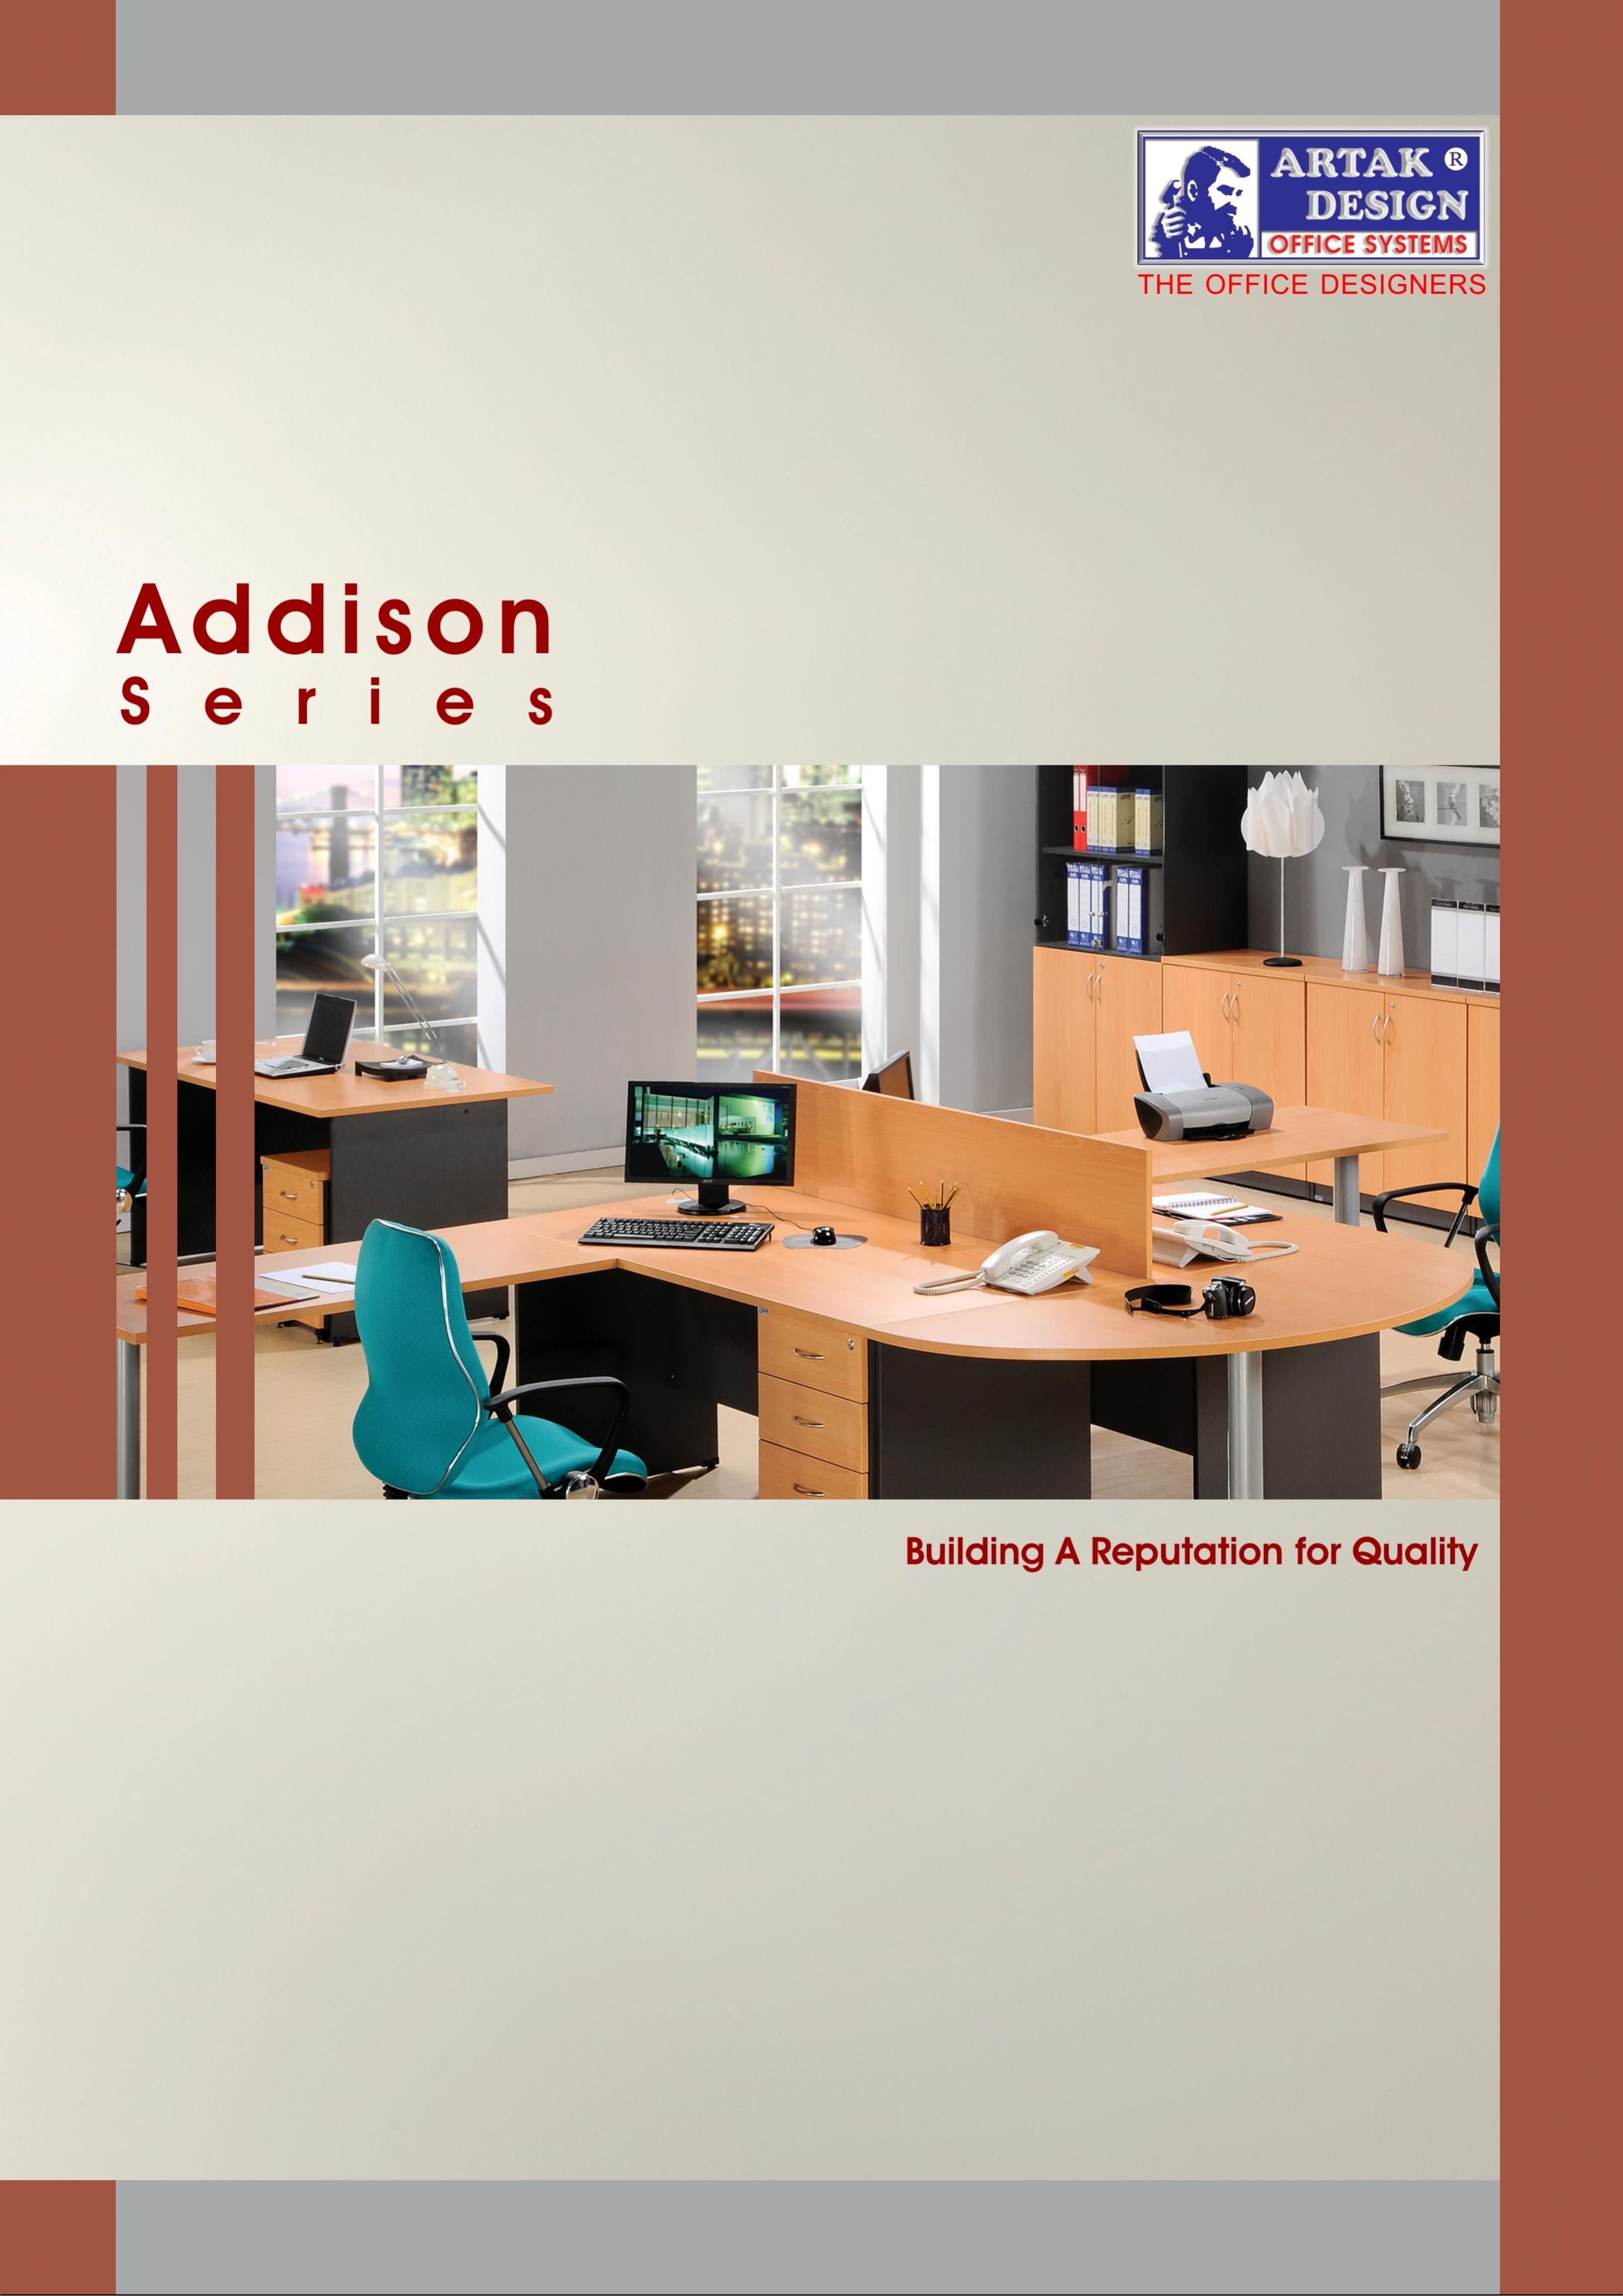 Addison Modular